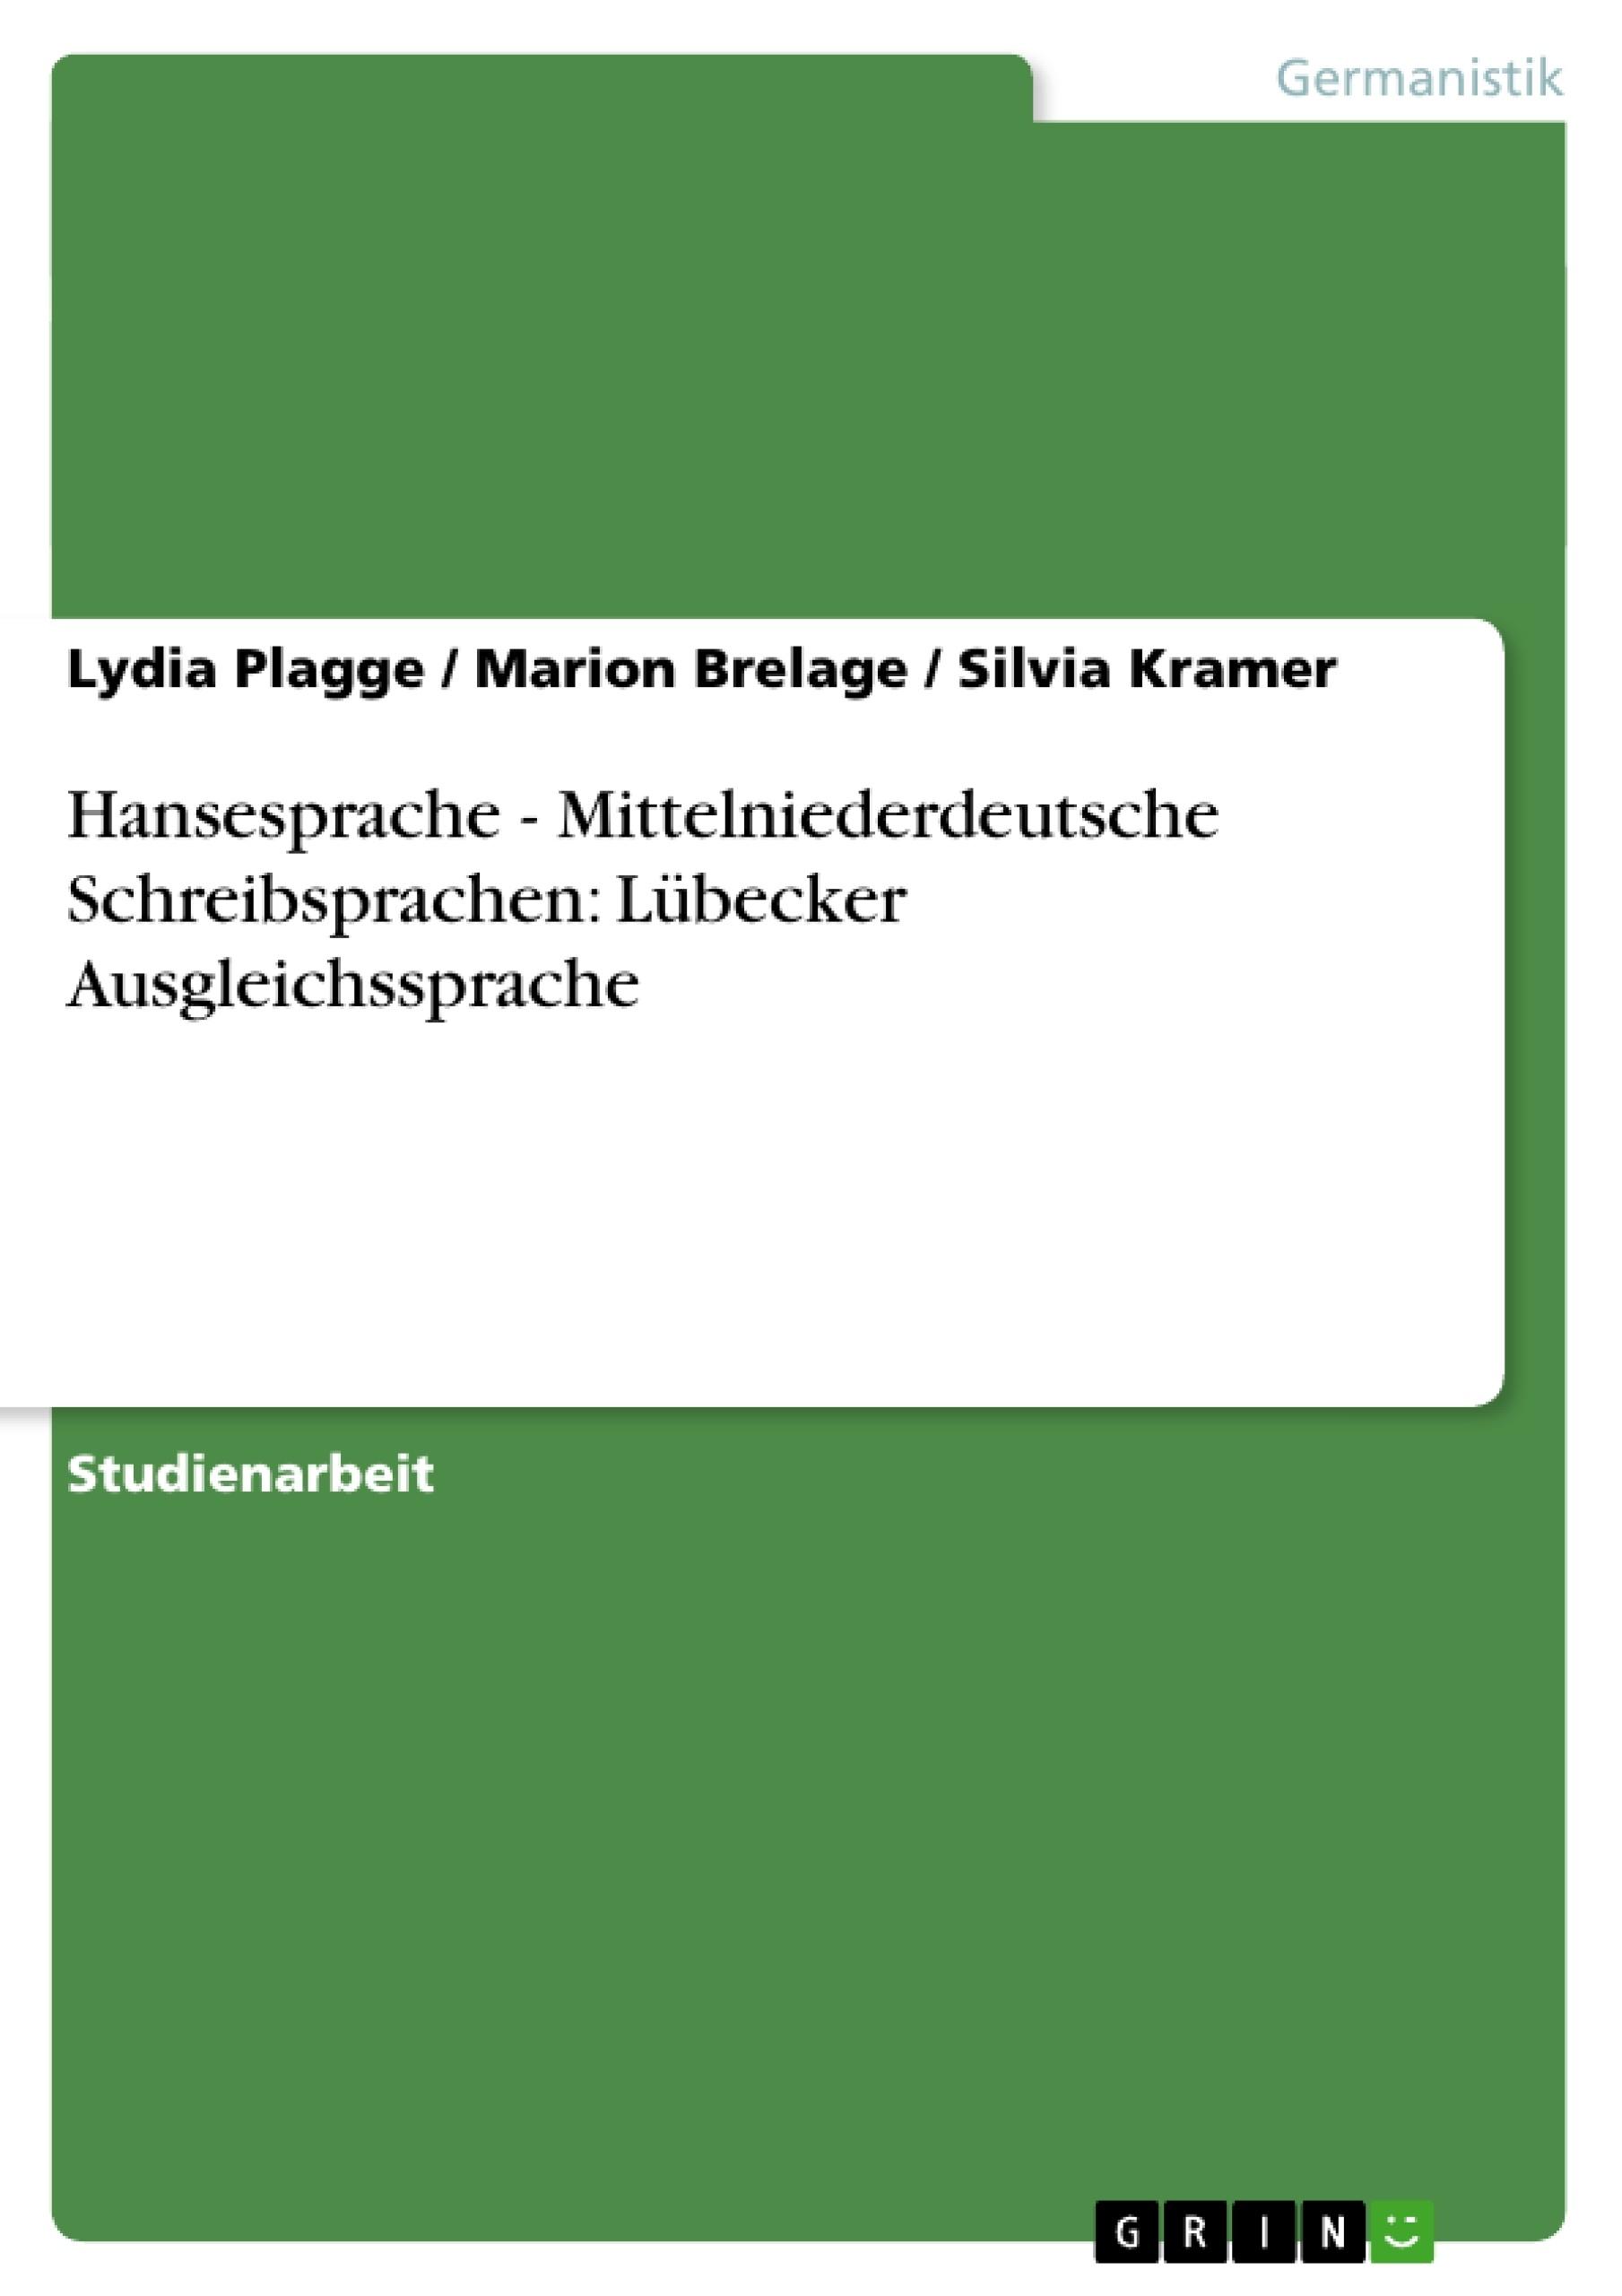 Titel: Hansesprache - Mittelniederdeutsche Schreibsprachen: Lübecker Ausgleichssprache